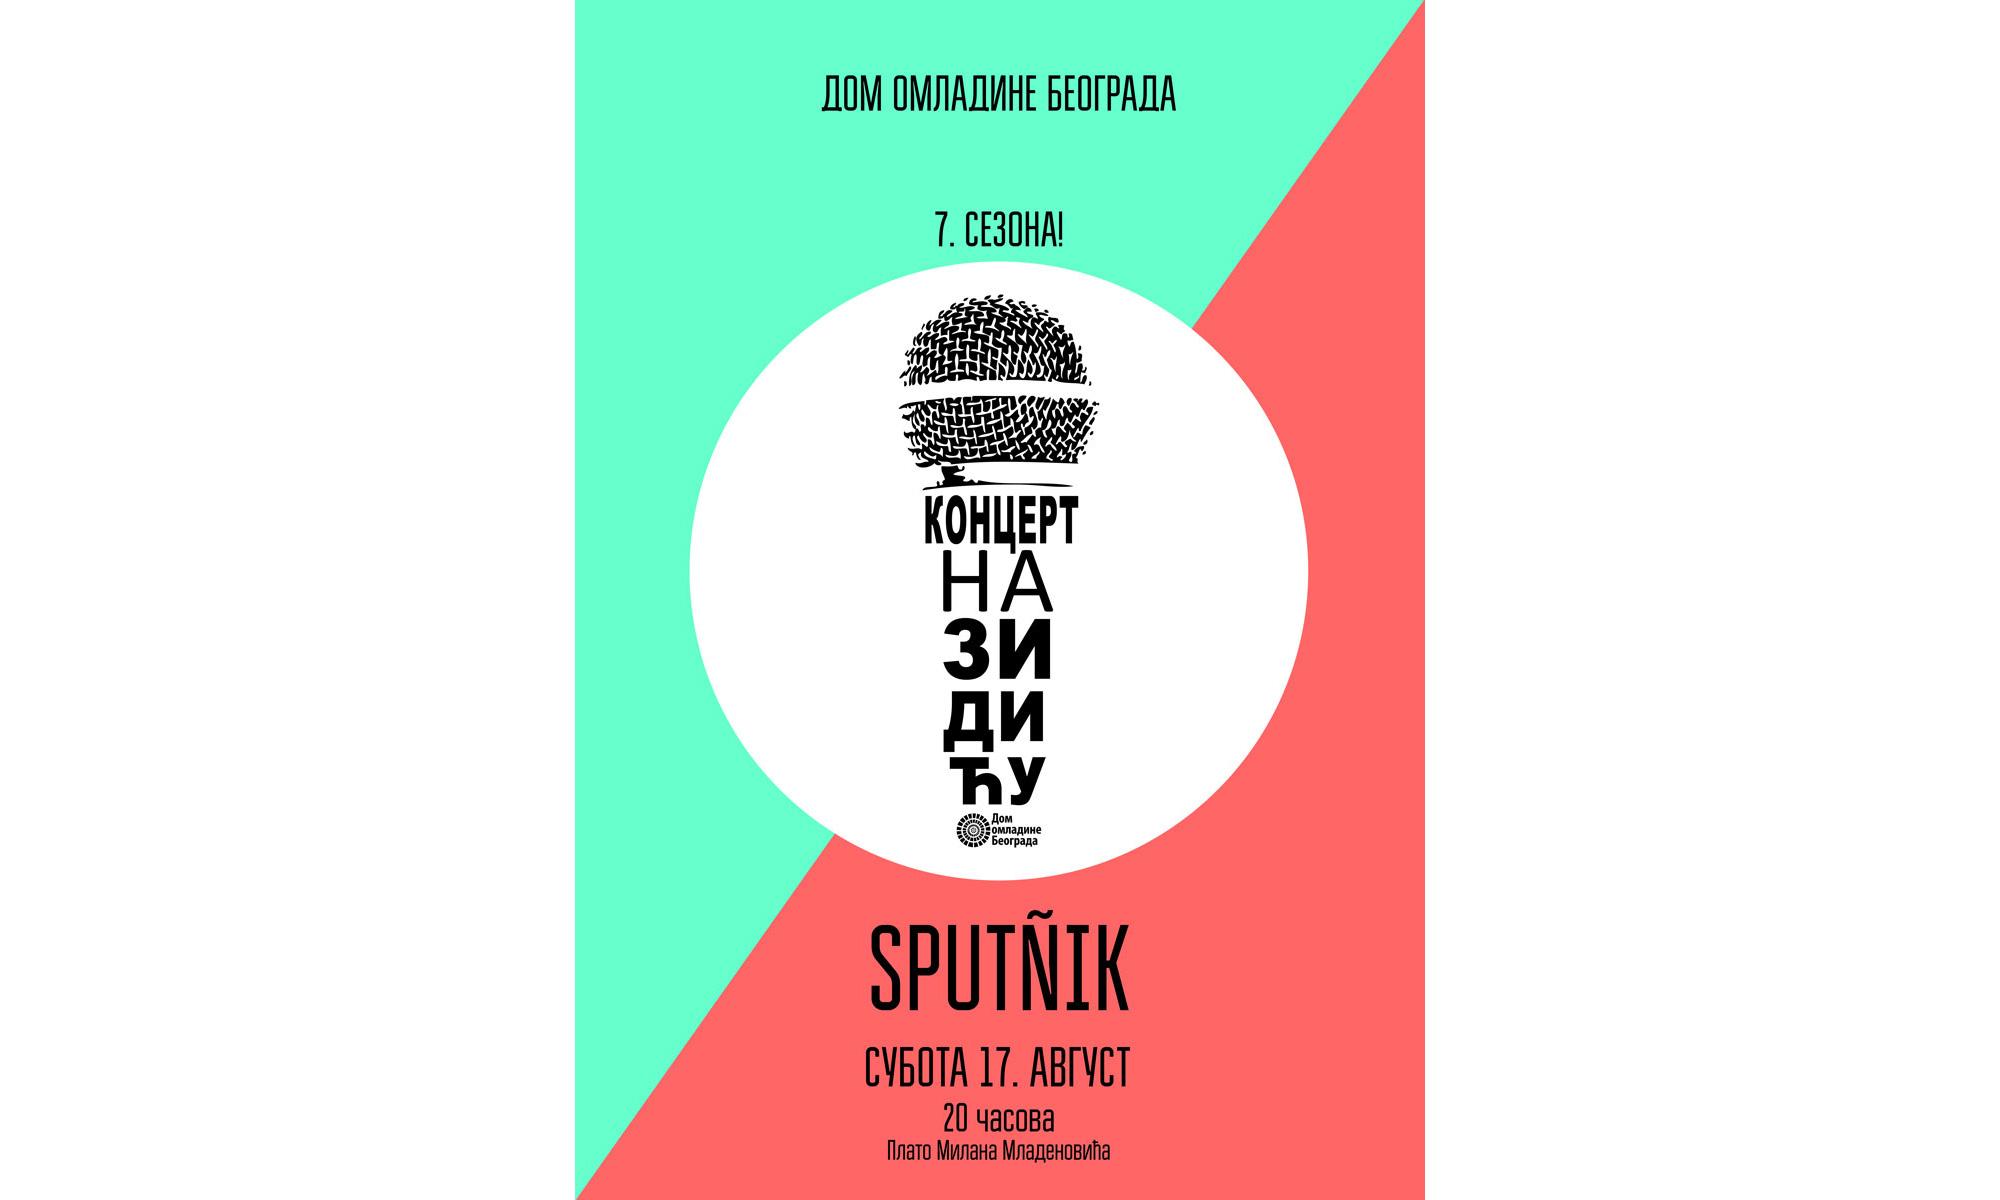 sputnik-dom-omladine